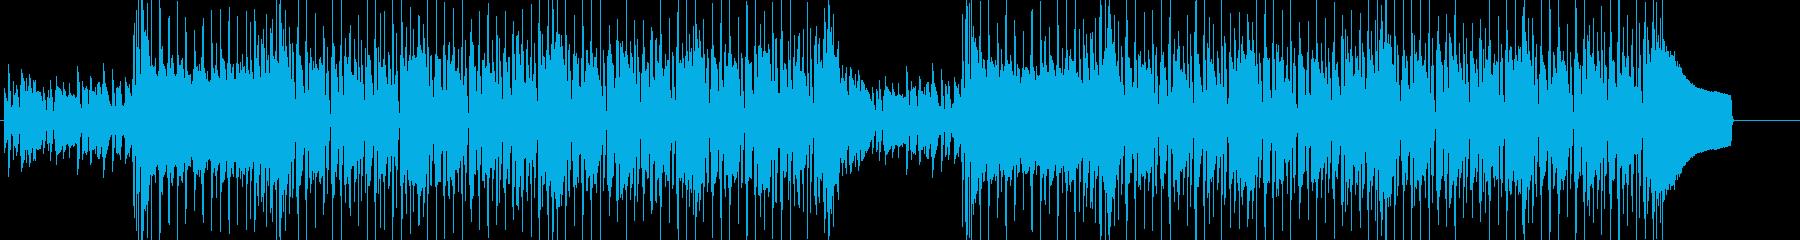 軽快でお洒落な日常系BGMの再生済みの波形